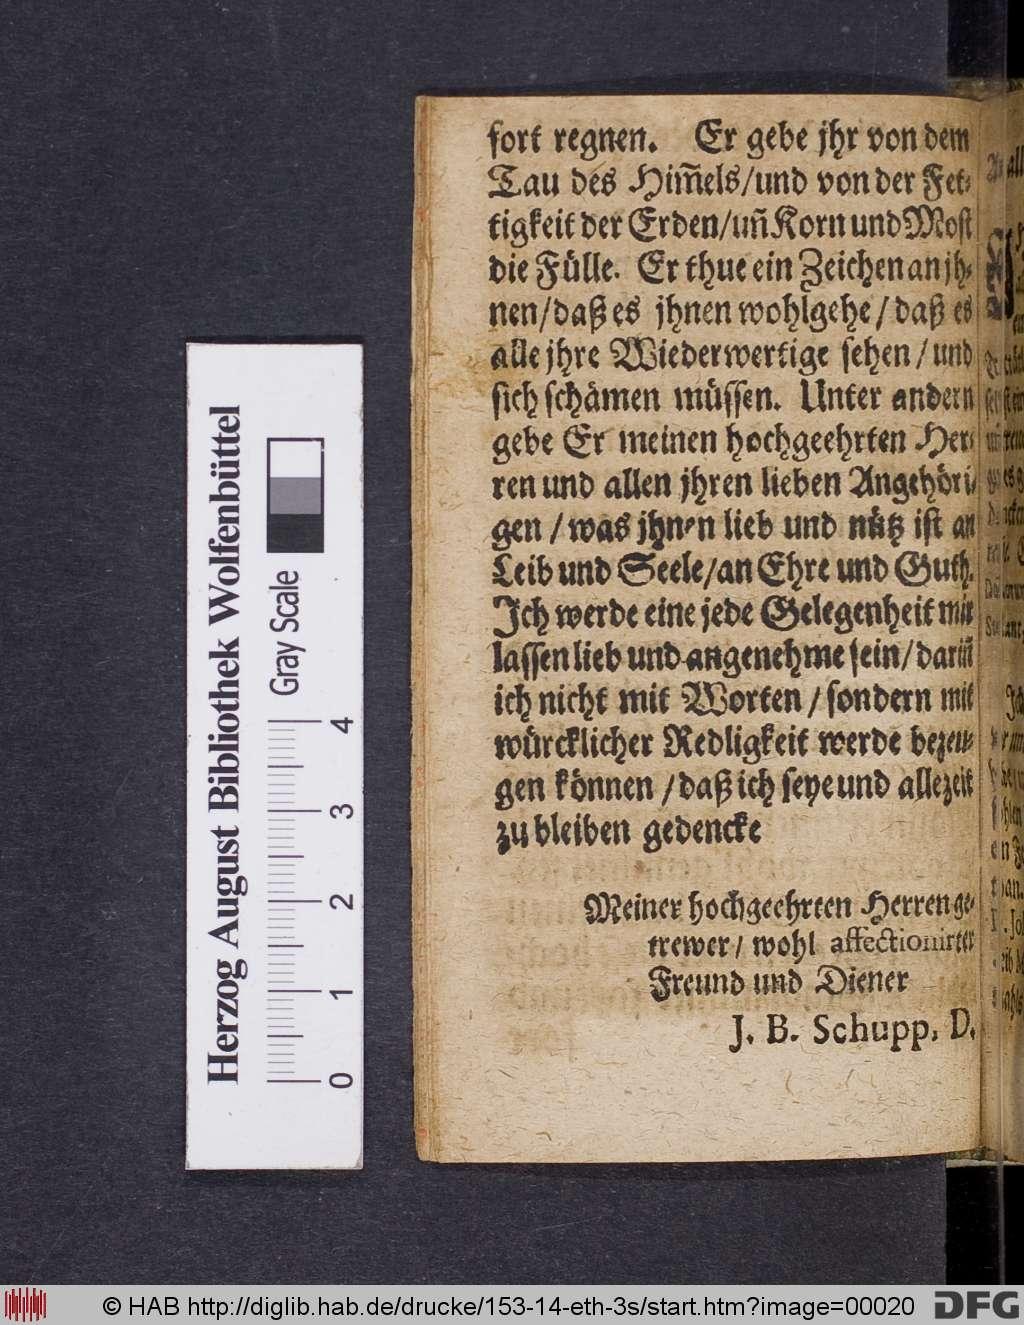 http://diglib.hab.de/drucke/153-14-eth-3s/00020.jpg